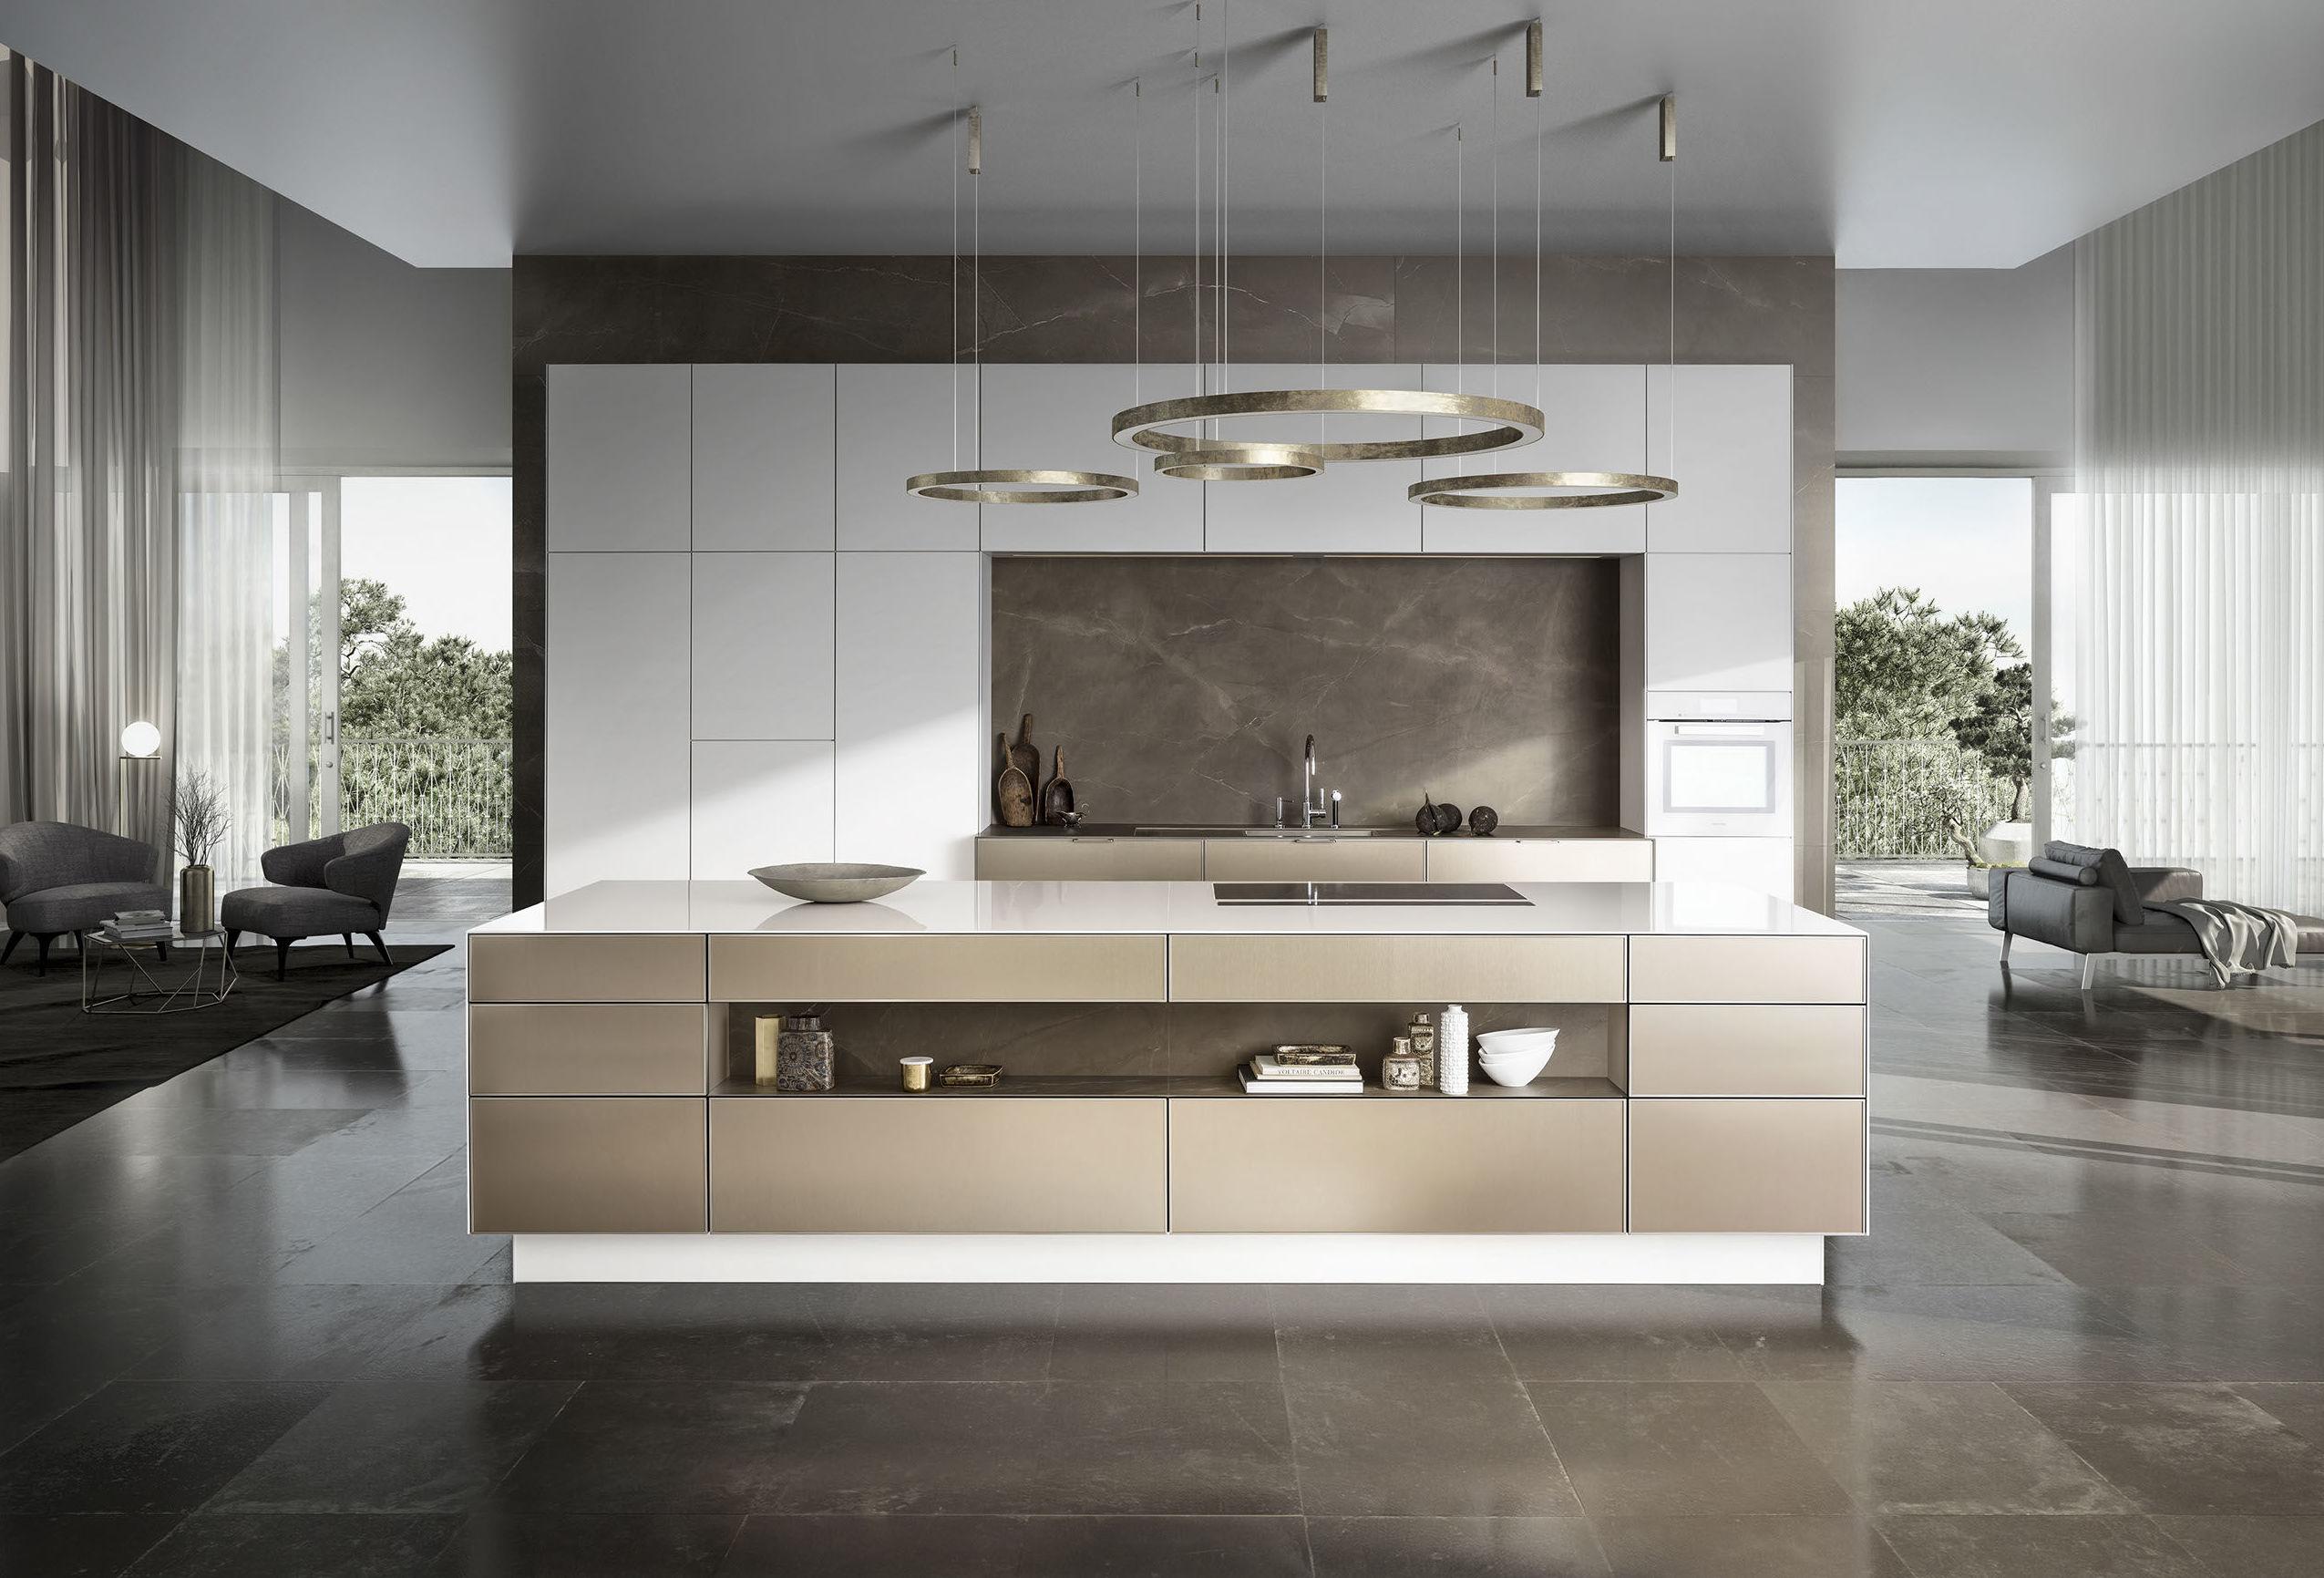 Foto 30 de Muebles de cocina en Sevilla | Passarela Diseño Interiorismo